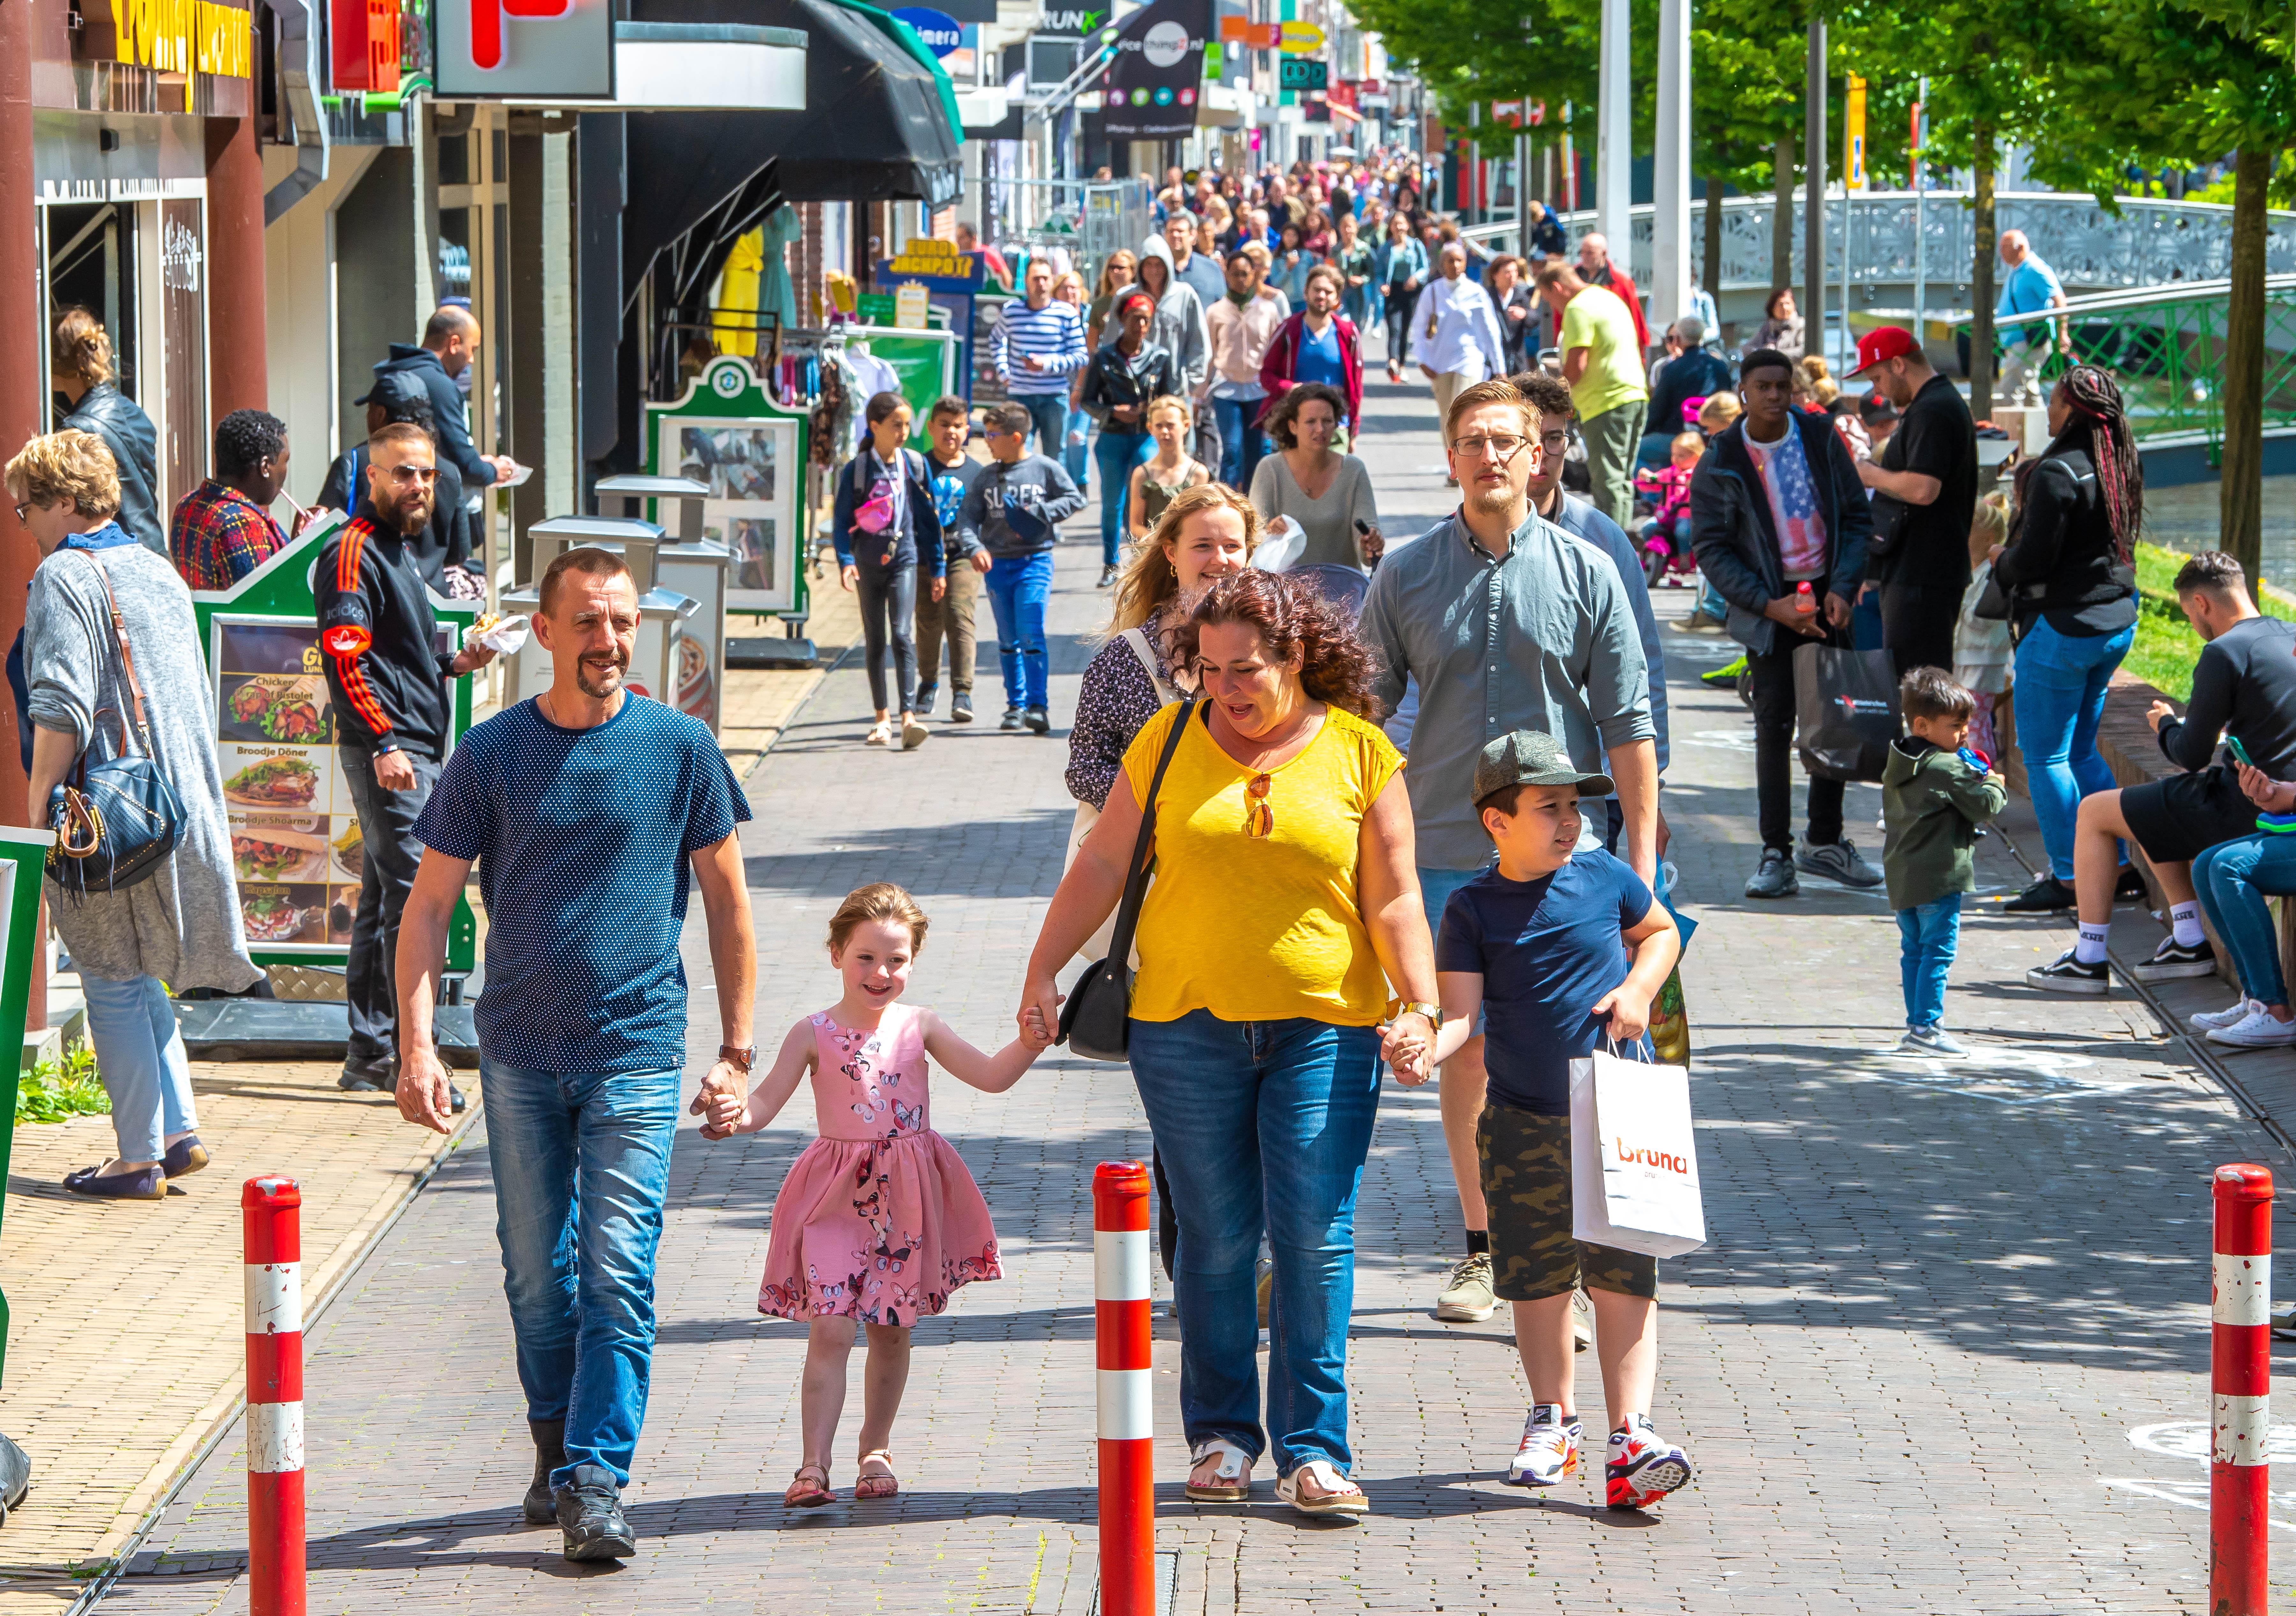 'Mooi voorbeeld voor zijn zoontje is die man'; gedrag winkelend publiek in centrum Zaandam soms als in pre-coronatijden